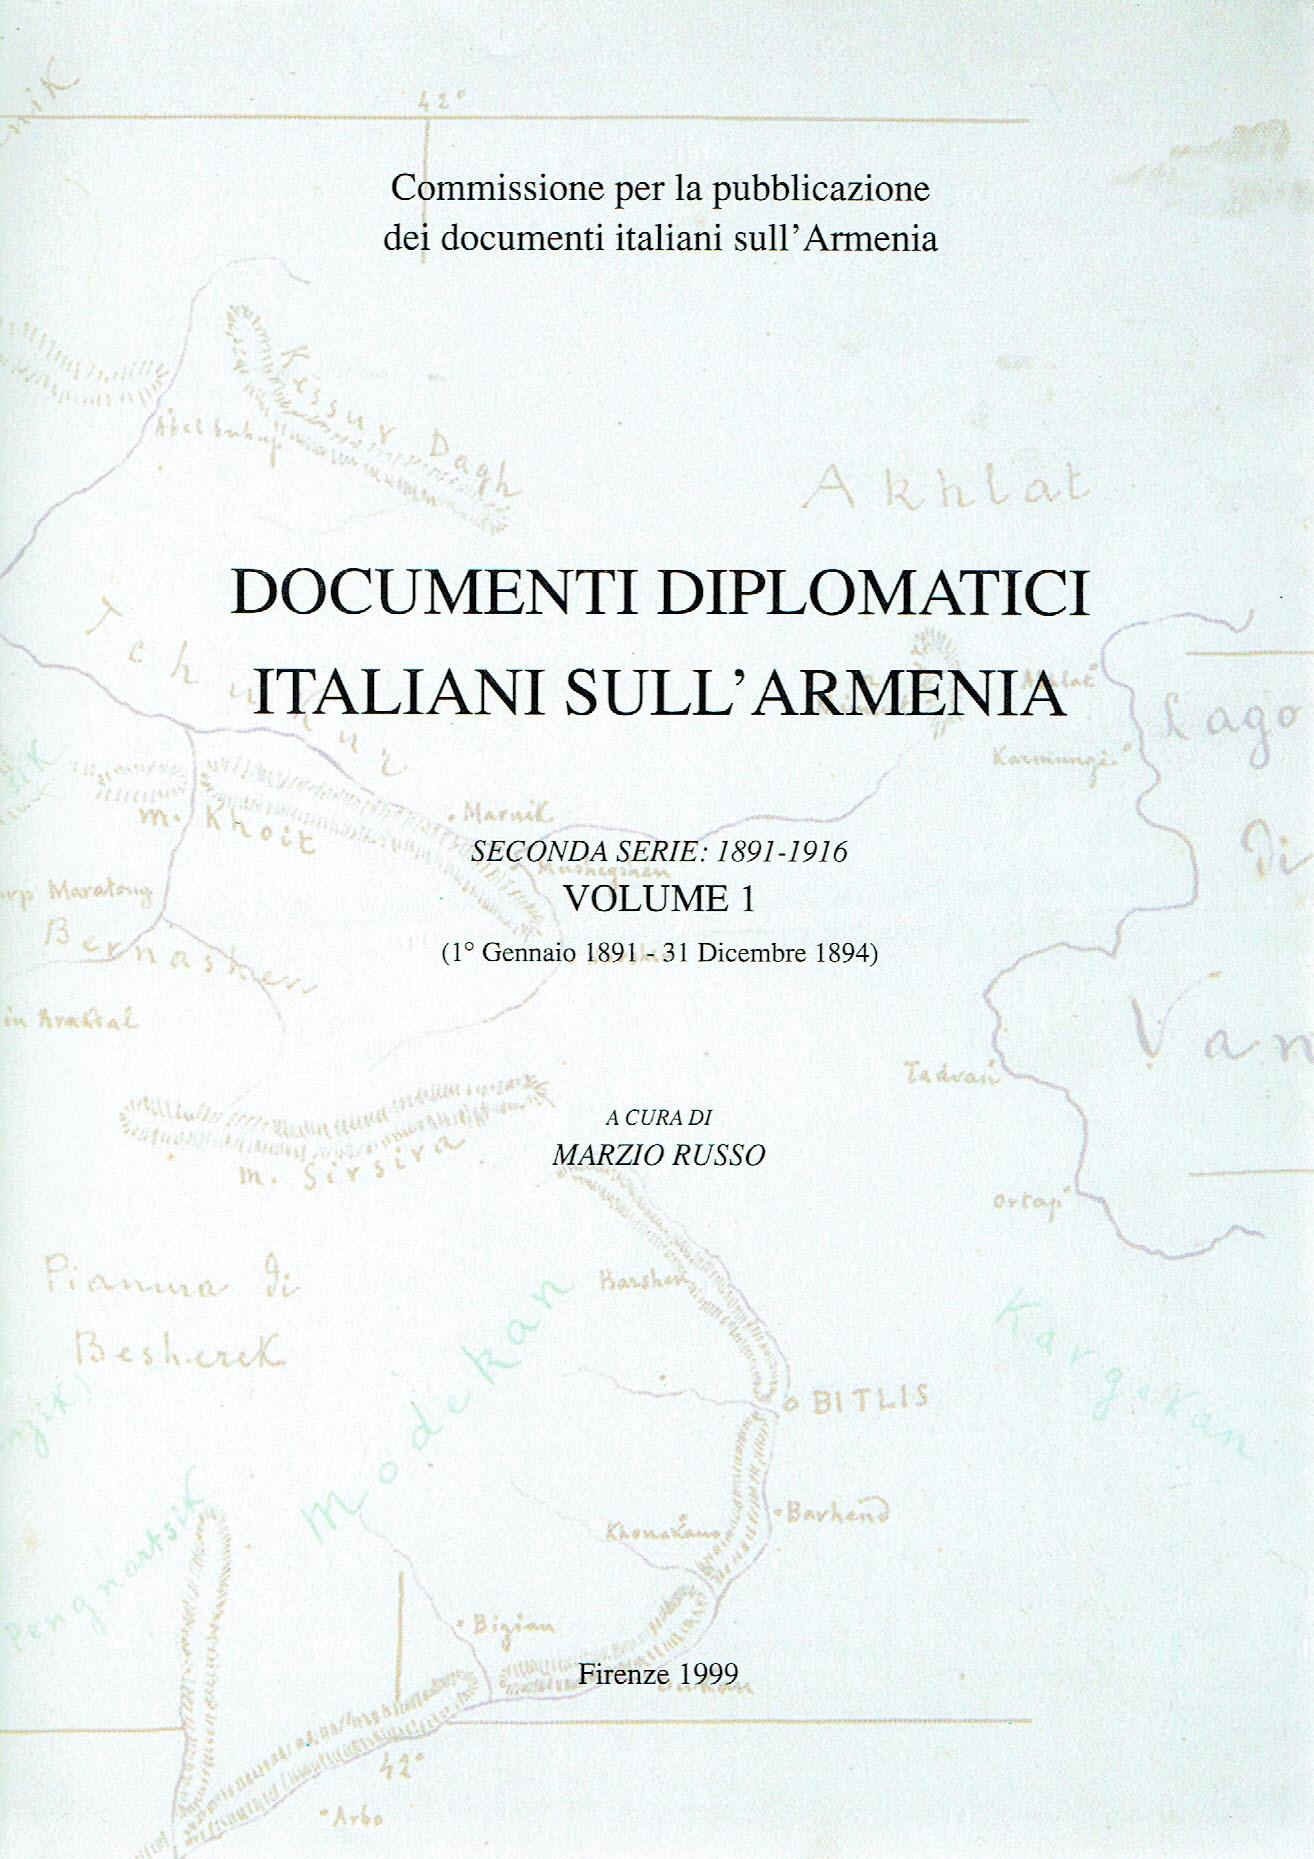 Documenti Diplomatici Armeni-Copertine- (V1)